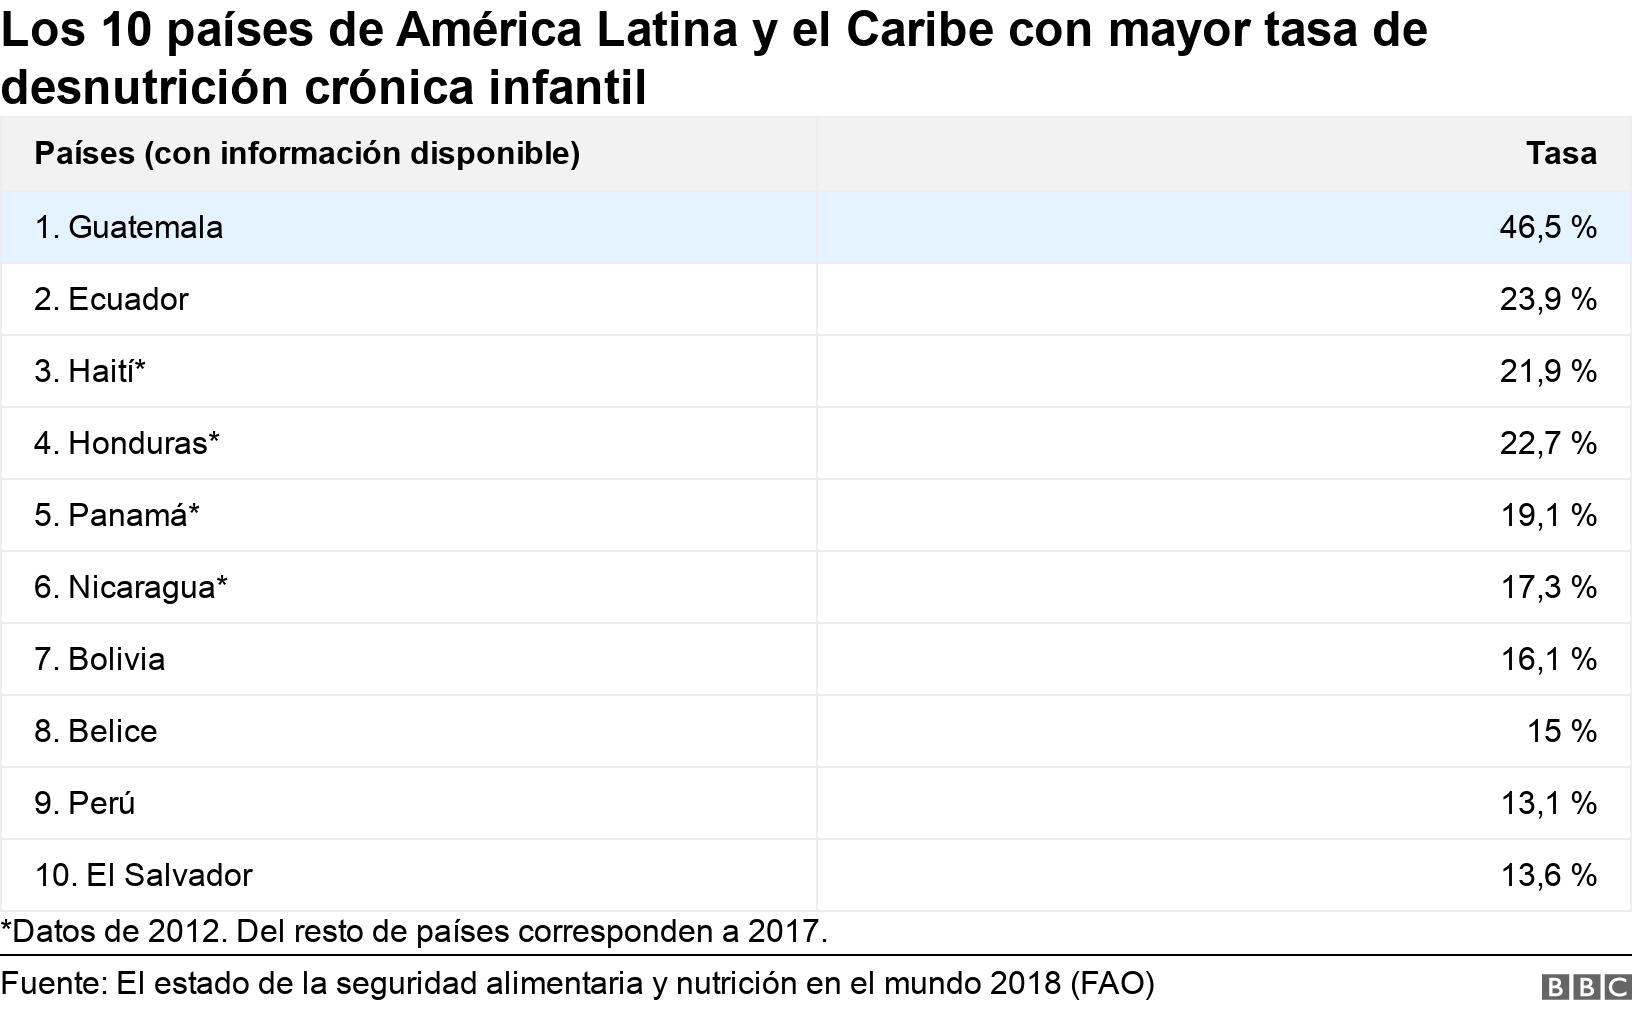 Los 10 países de América Latina y el Caribe con mayor tasa de desnutrición crónica infantil. .  *Datos de 2012. Del resto de países corresponden a 2017..